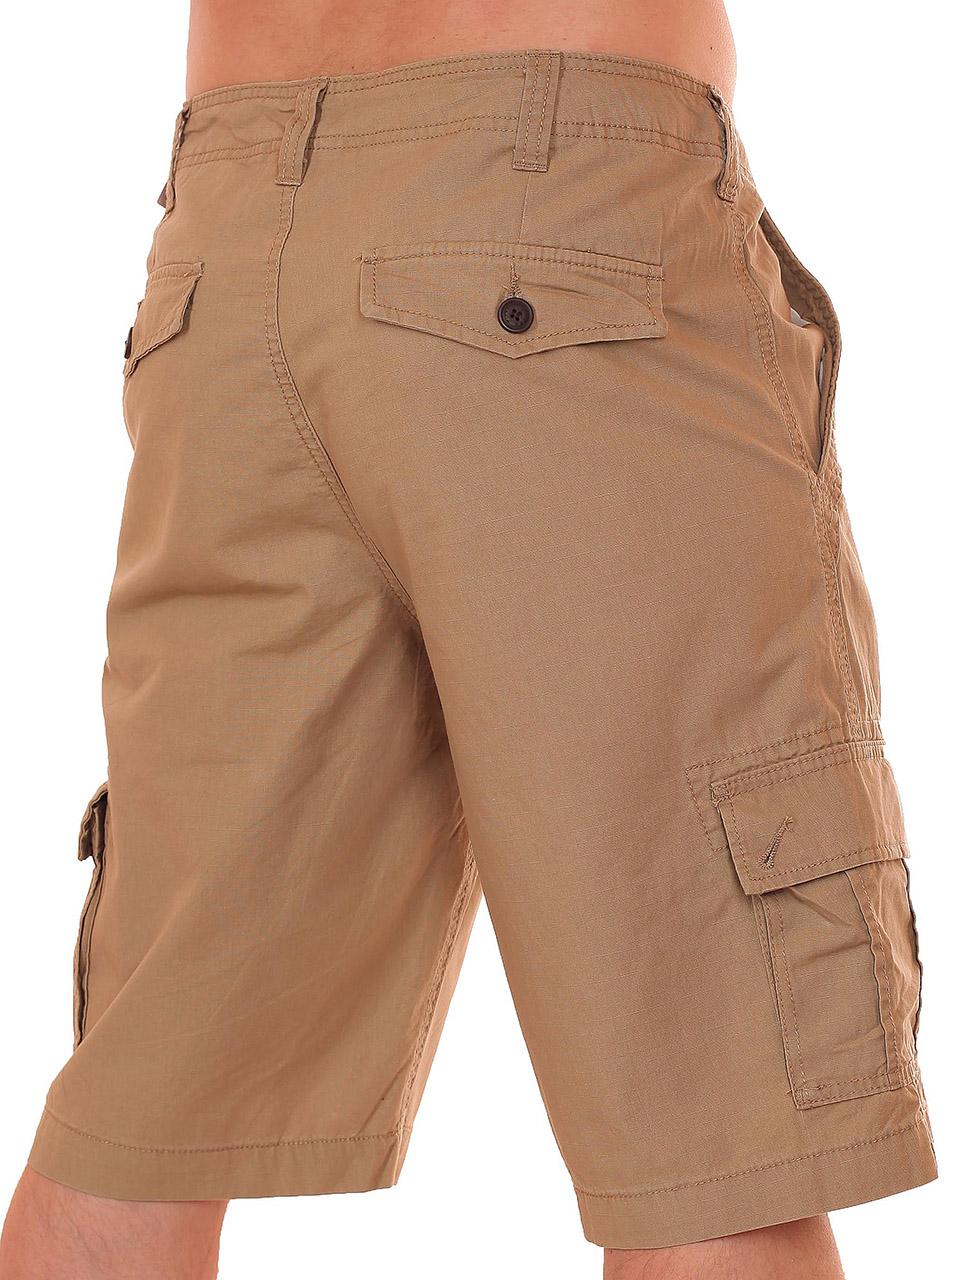 Мужские шорты от Urban для летнего отпуска с доставкой